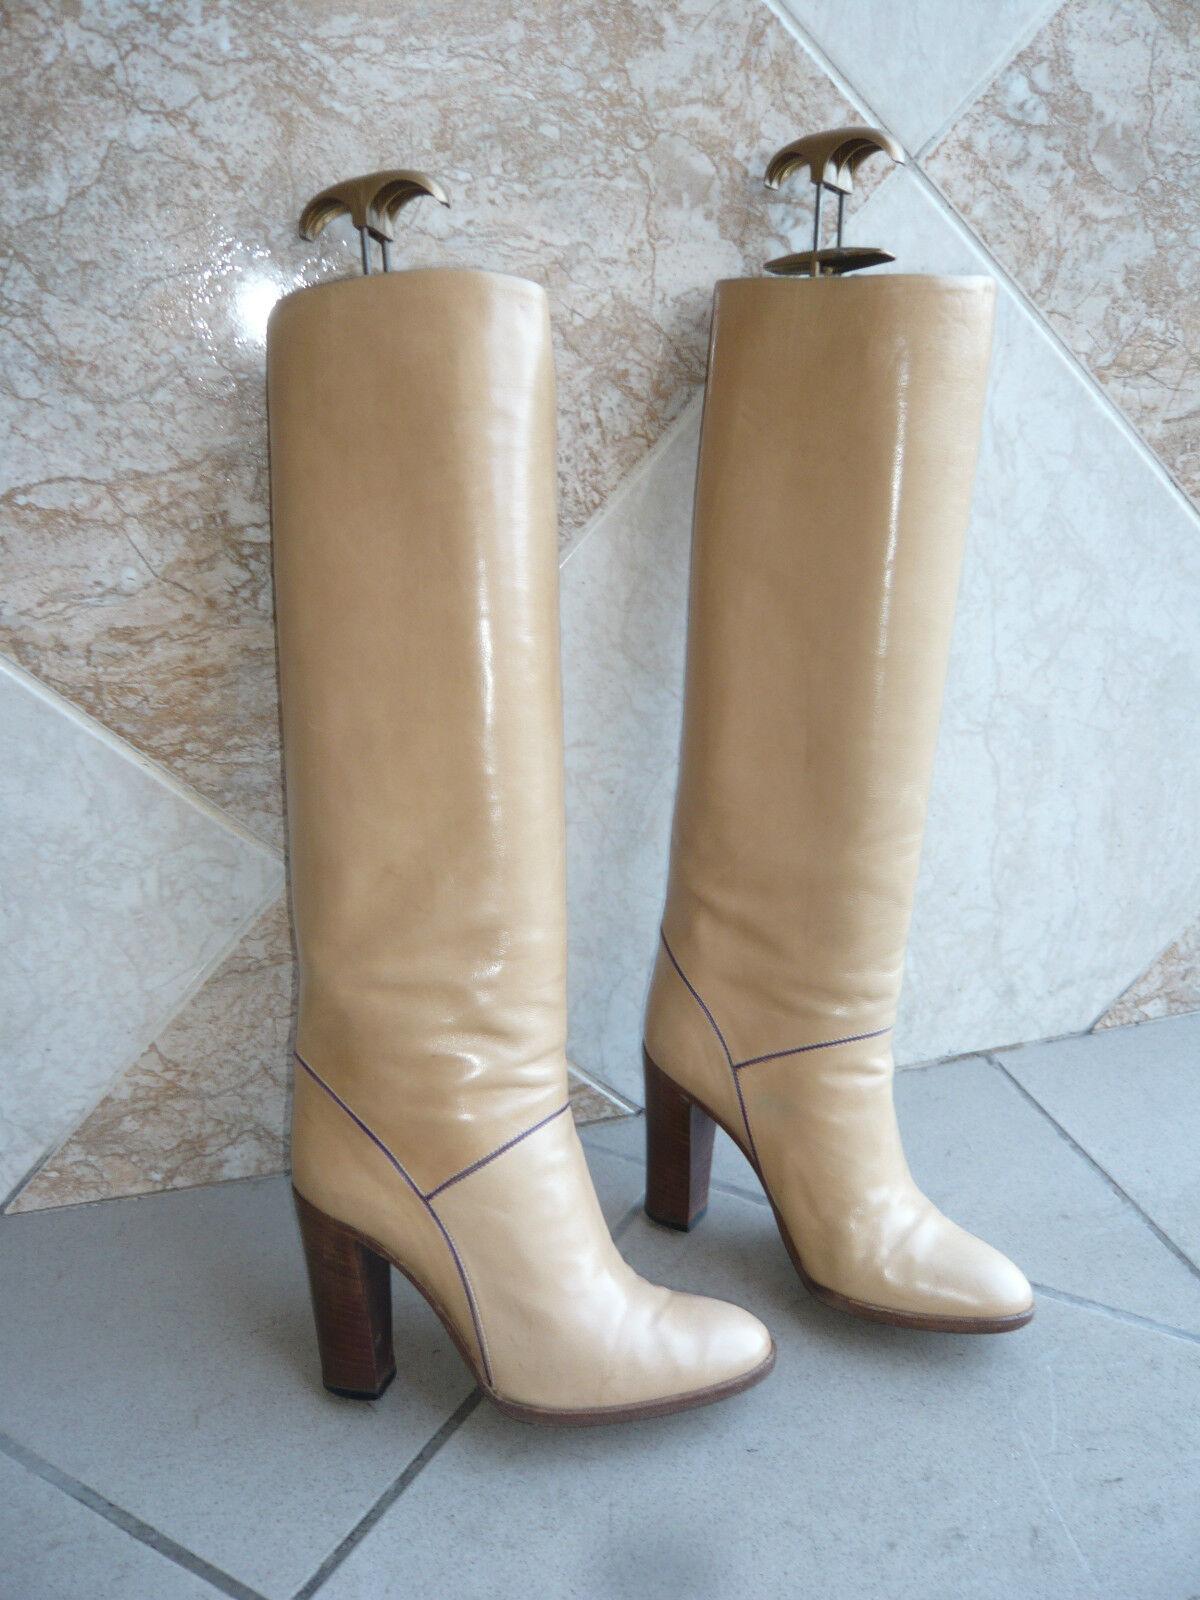 Stiefel vintage 1982  Beige Beige Beige  SARELLA Italien t. 35   f20466